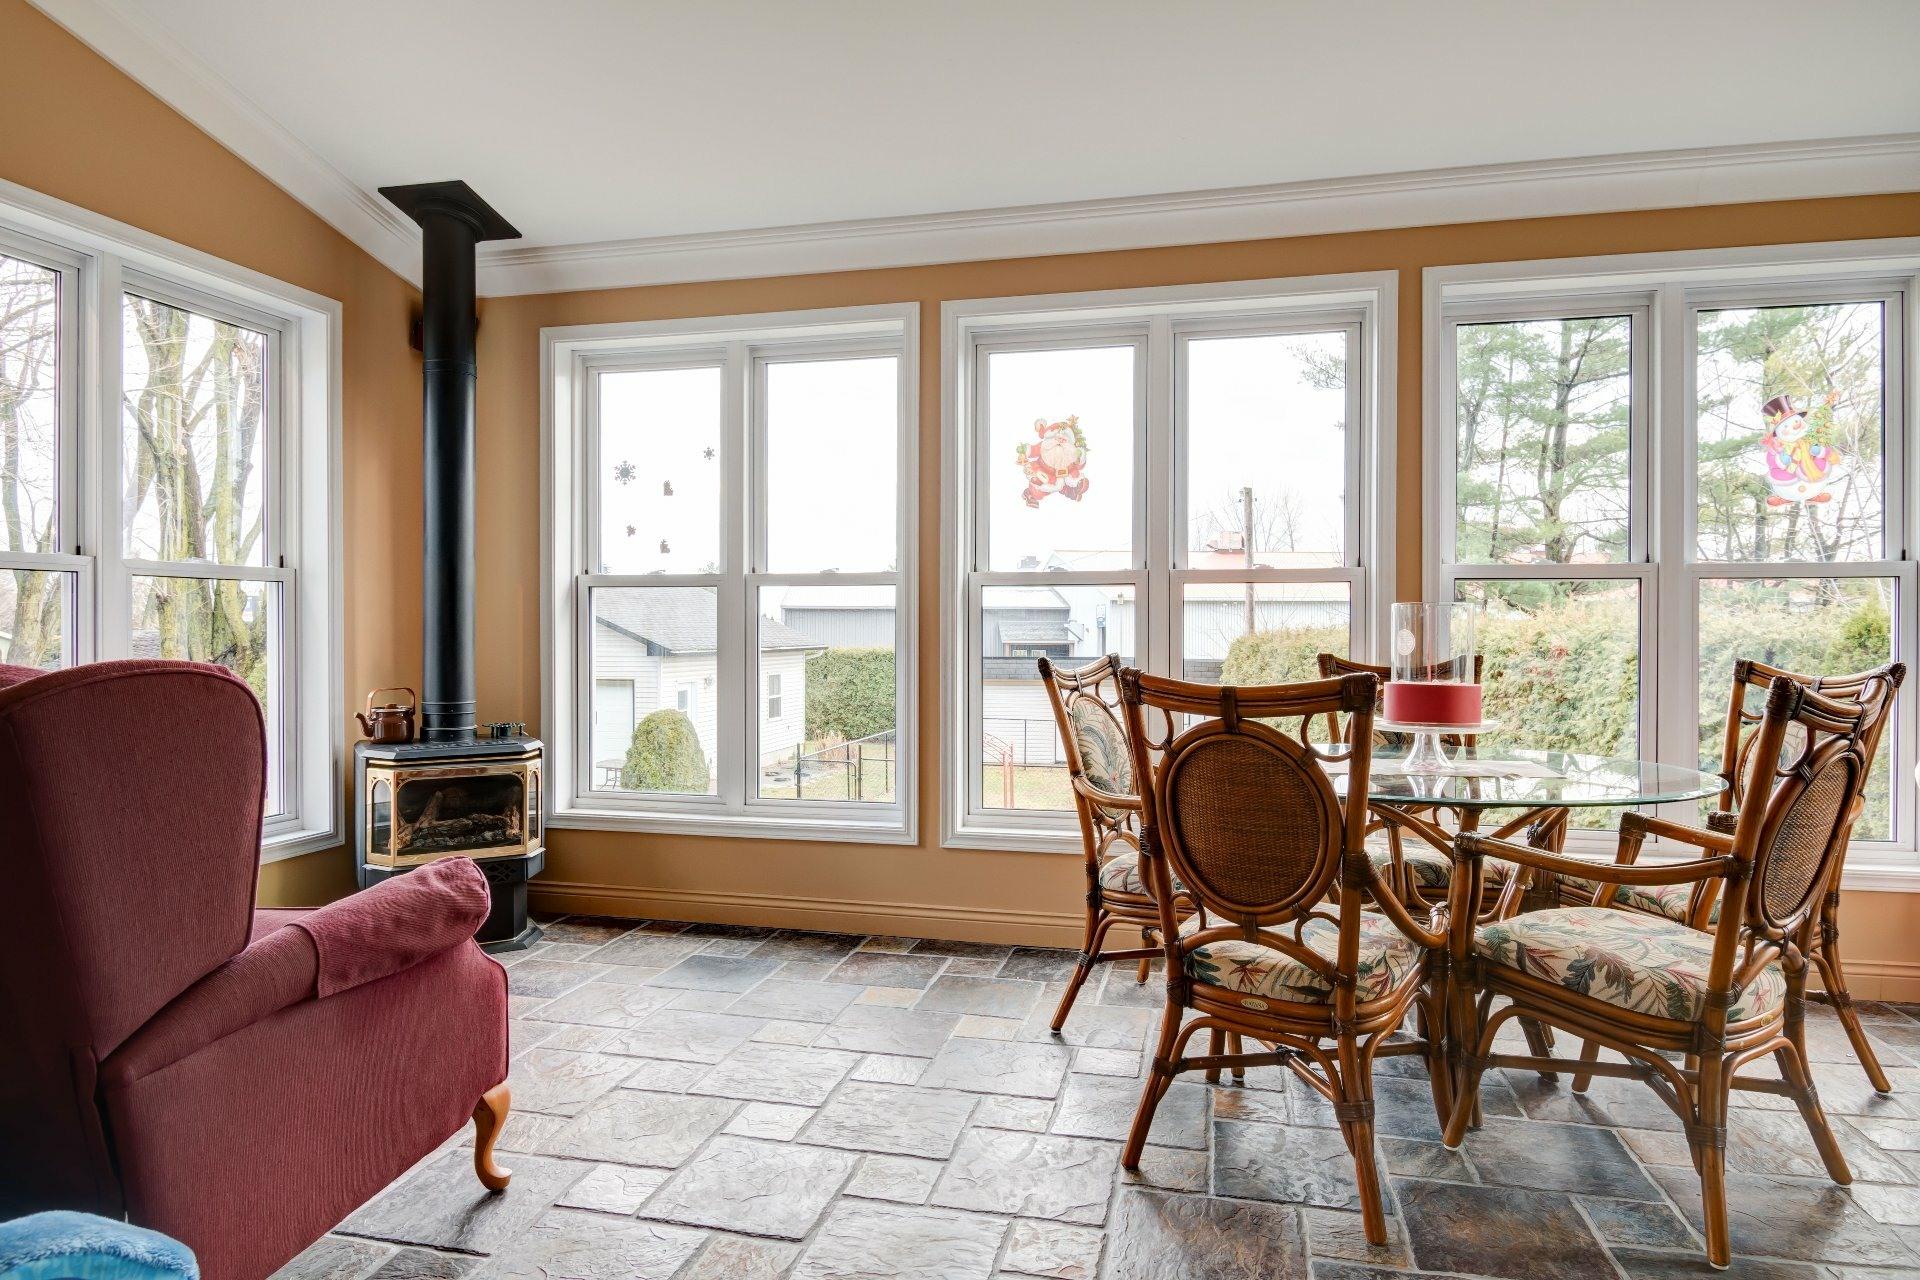 image 6 - Maison À vendre Trois-Rivières - 15 pièces